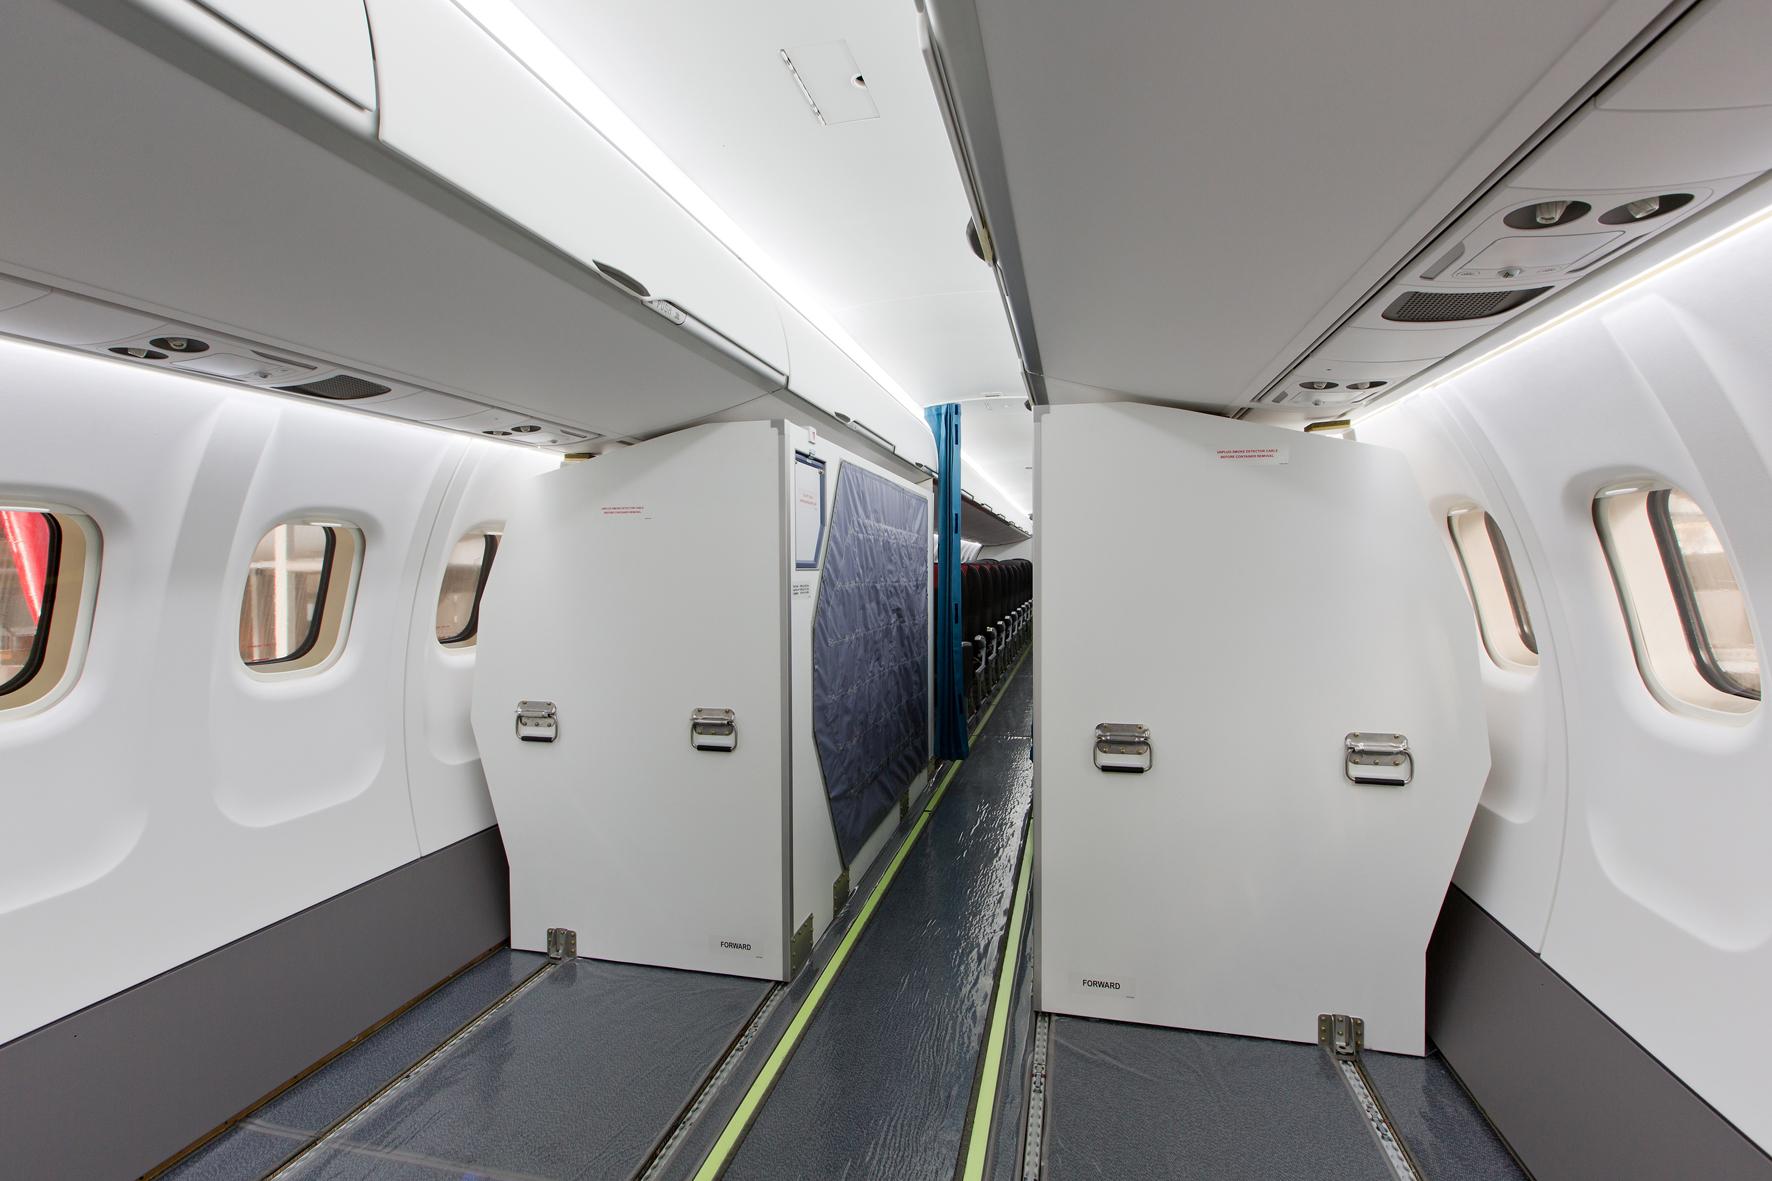 En 2015, ATR a obtenu la certification de la cabine « Cargo Flex », qui combine jusqu'à 44 sièges passagers avec une capacité de fret doublée et portée jusqu'à près de 20 m3.